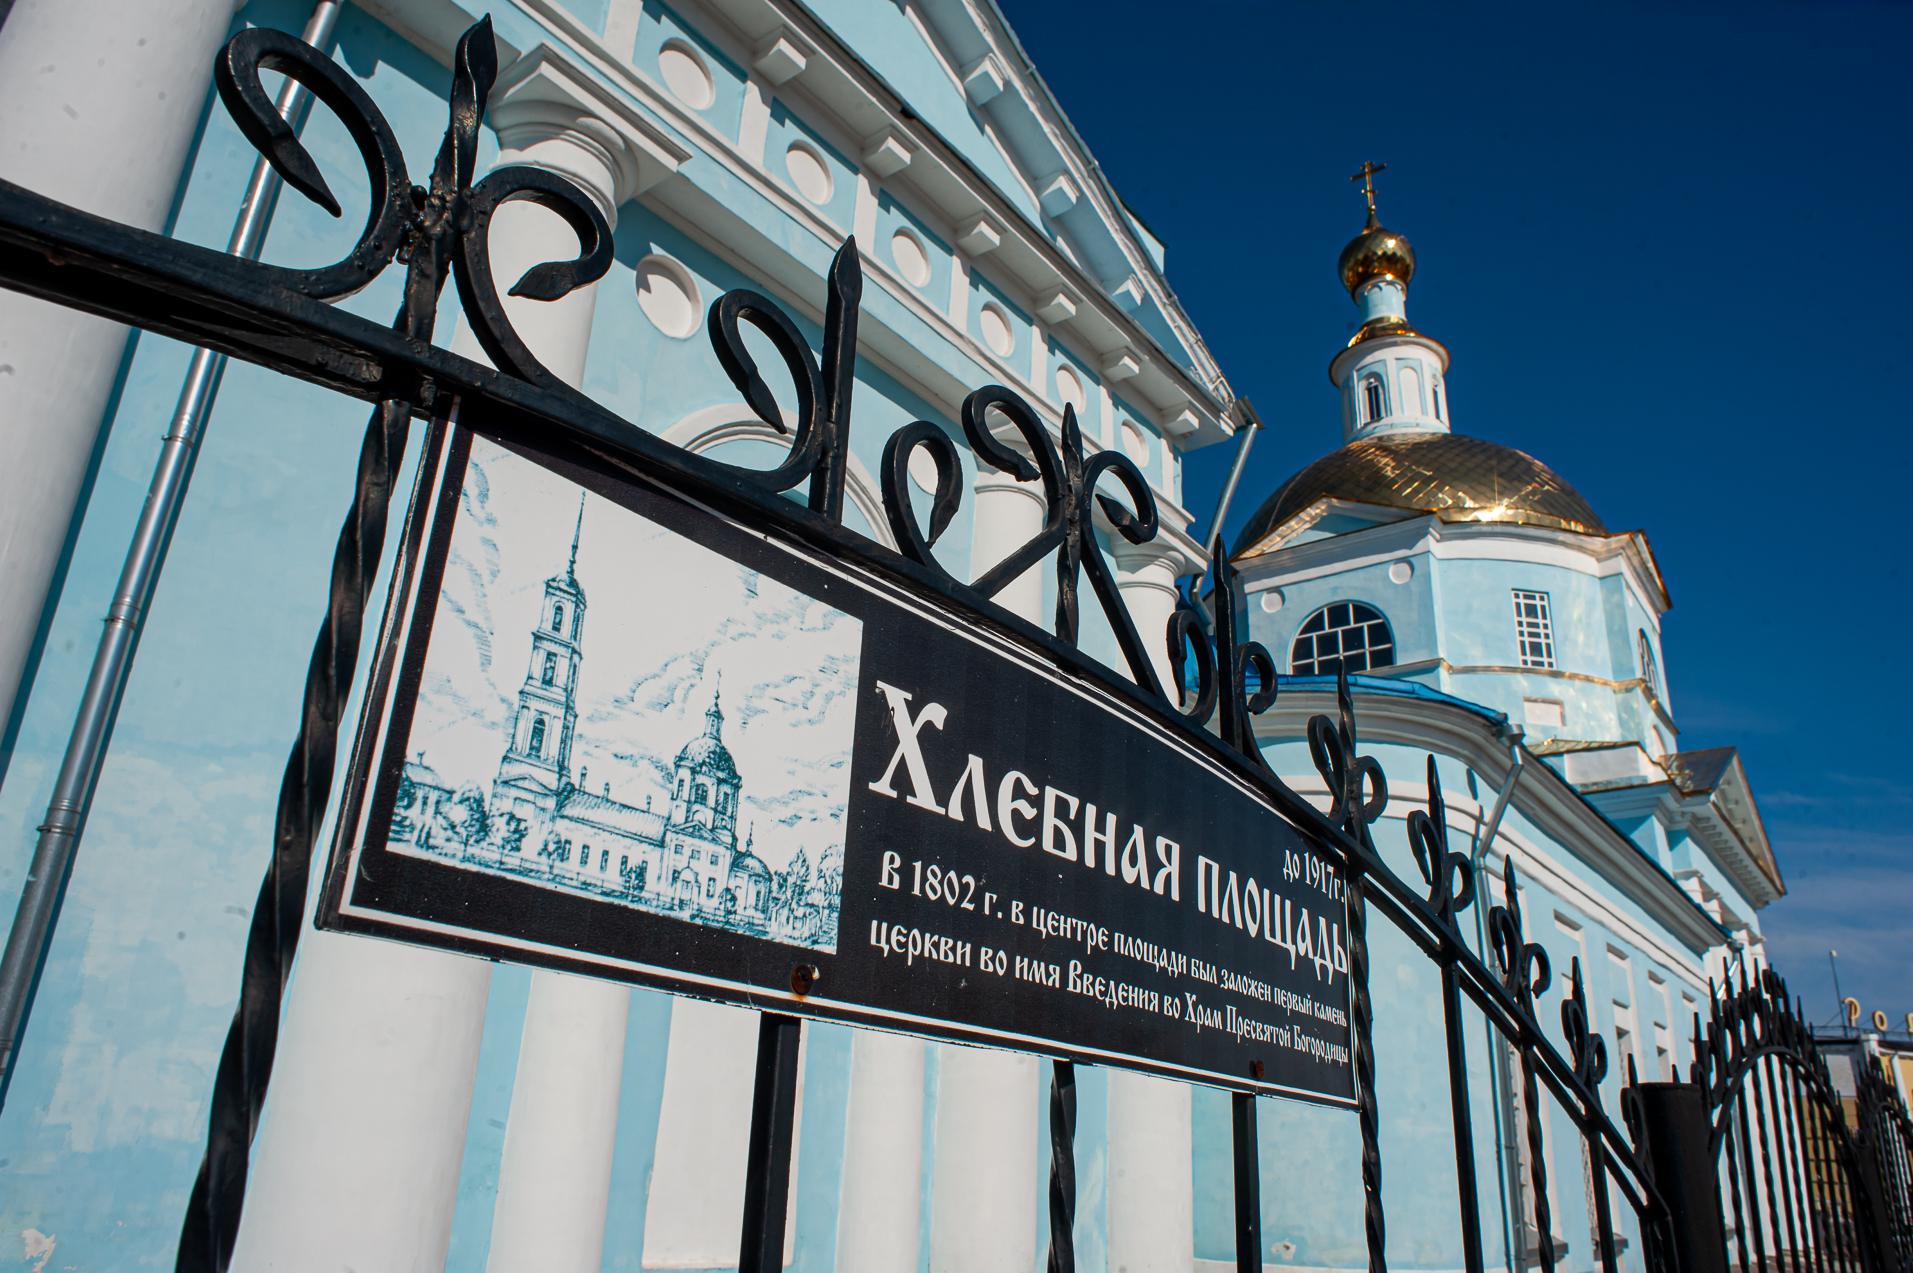 Кашира, Введенская церковь